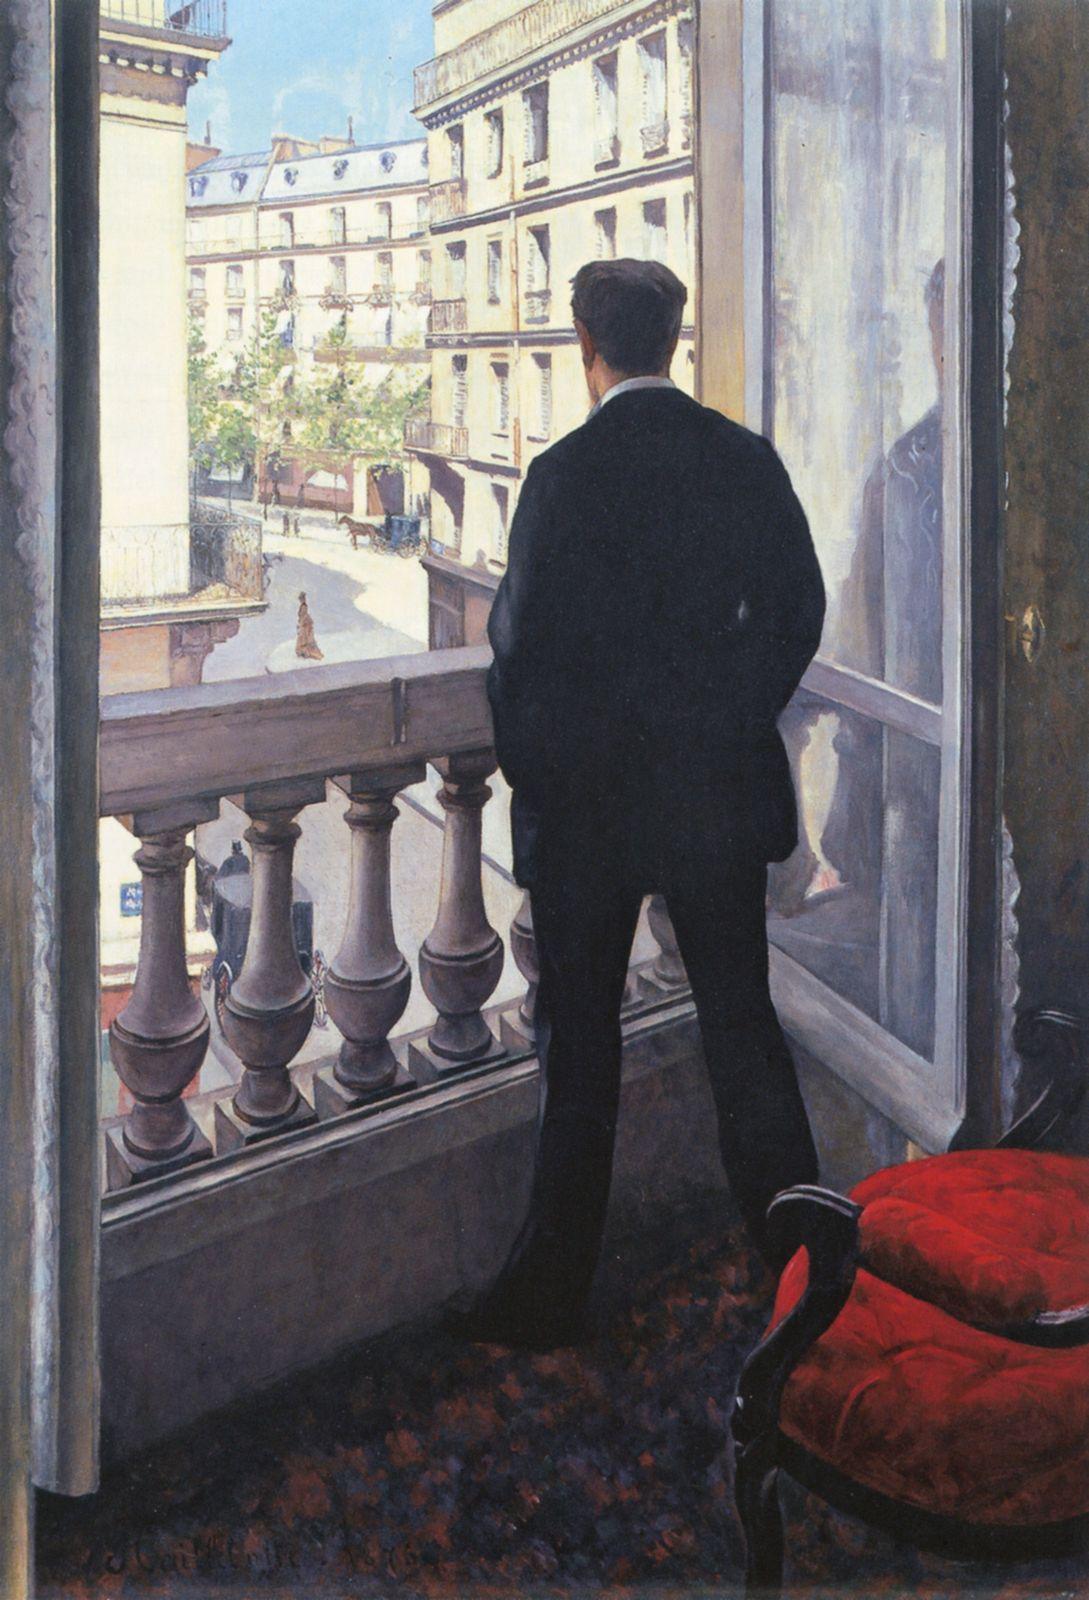 Гюстав Кайботт, «Молодой человек у окна» (1875, холст, масло. 117 x 82 см, ), частная коллекция